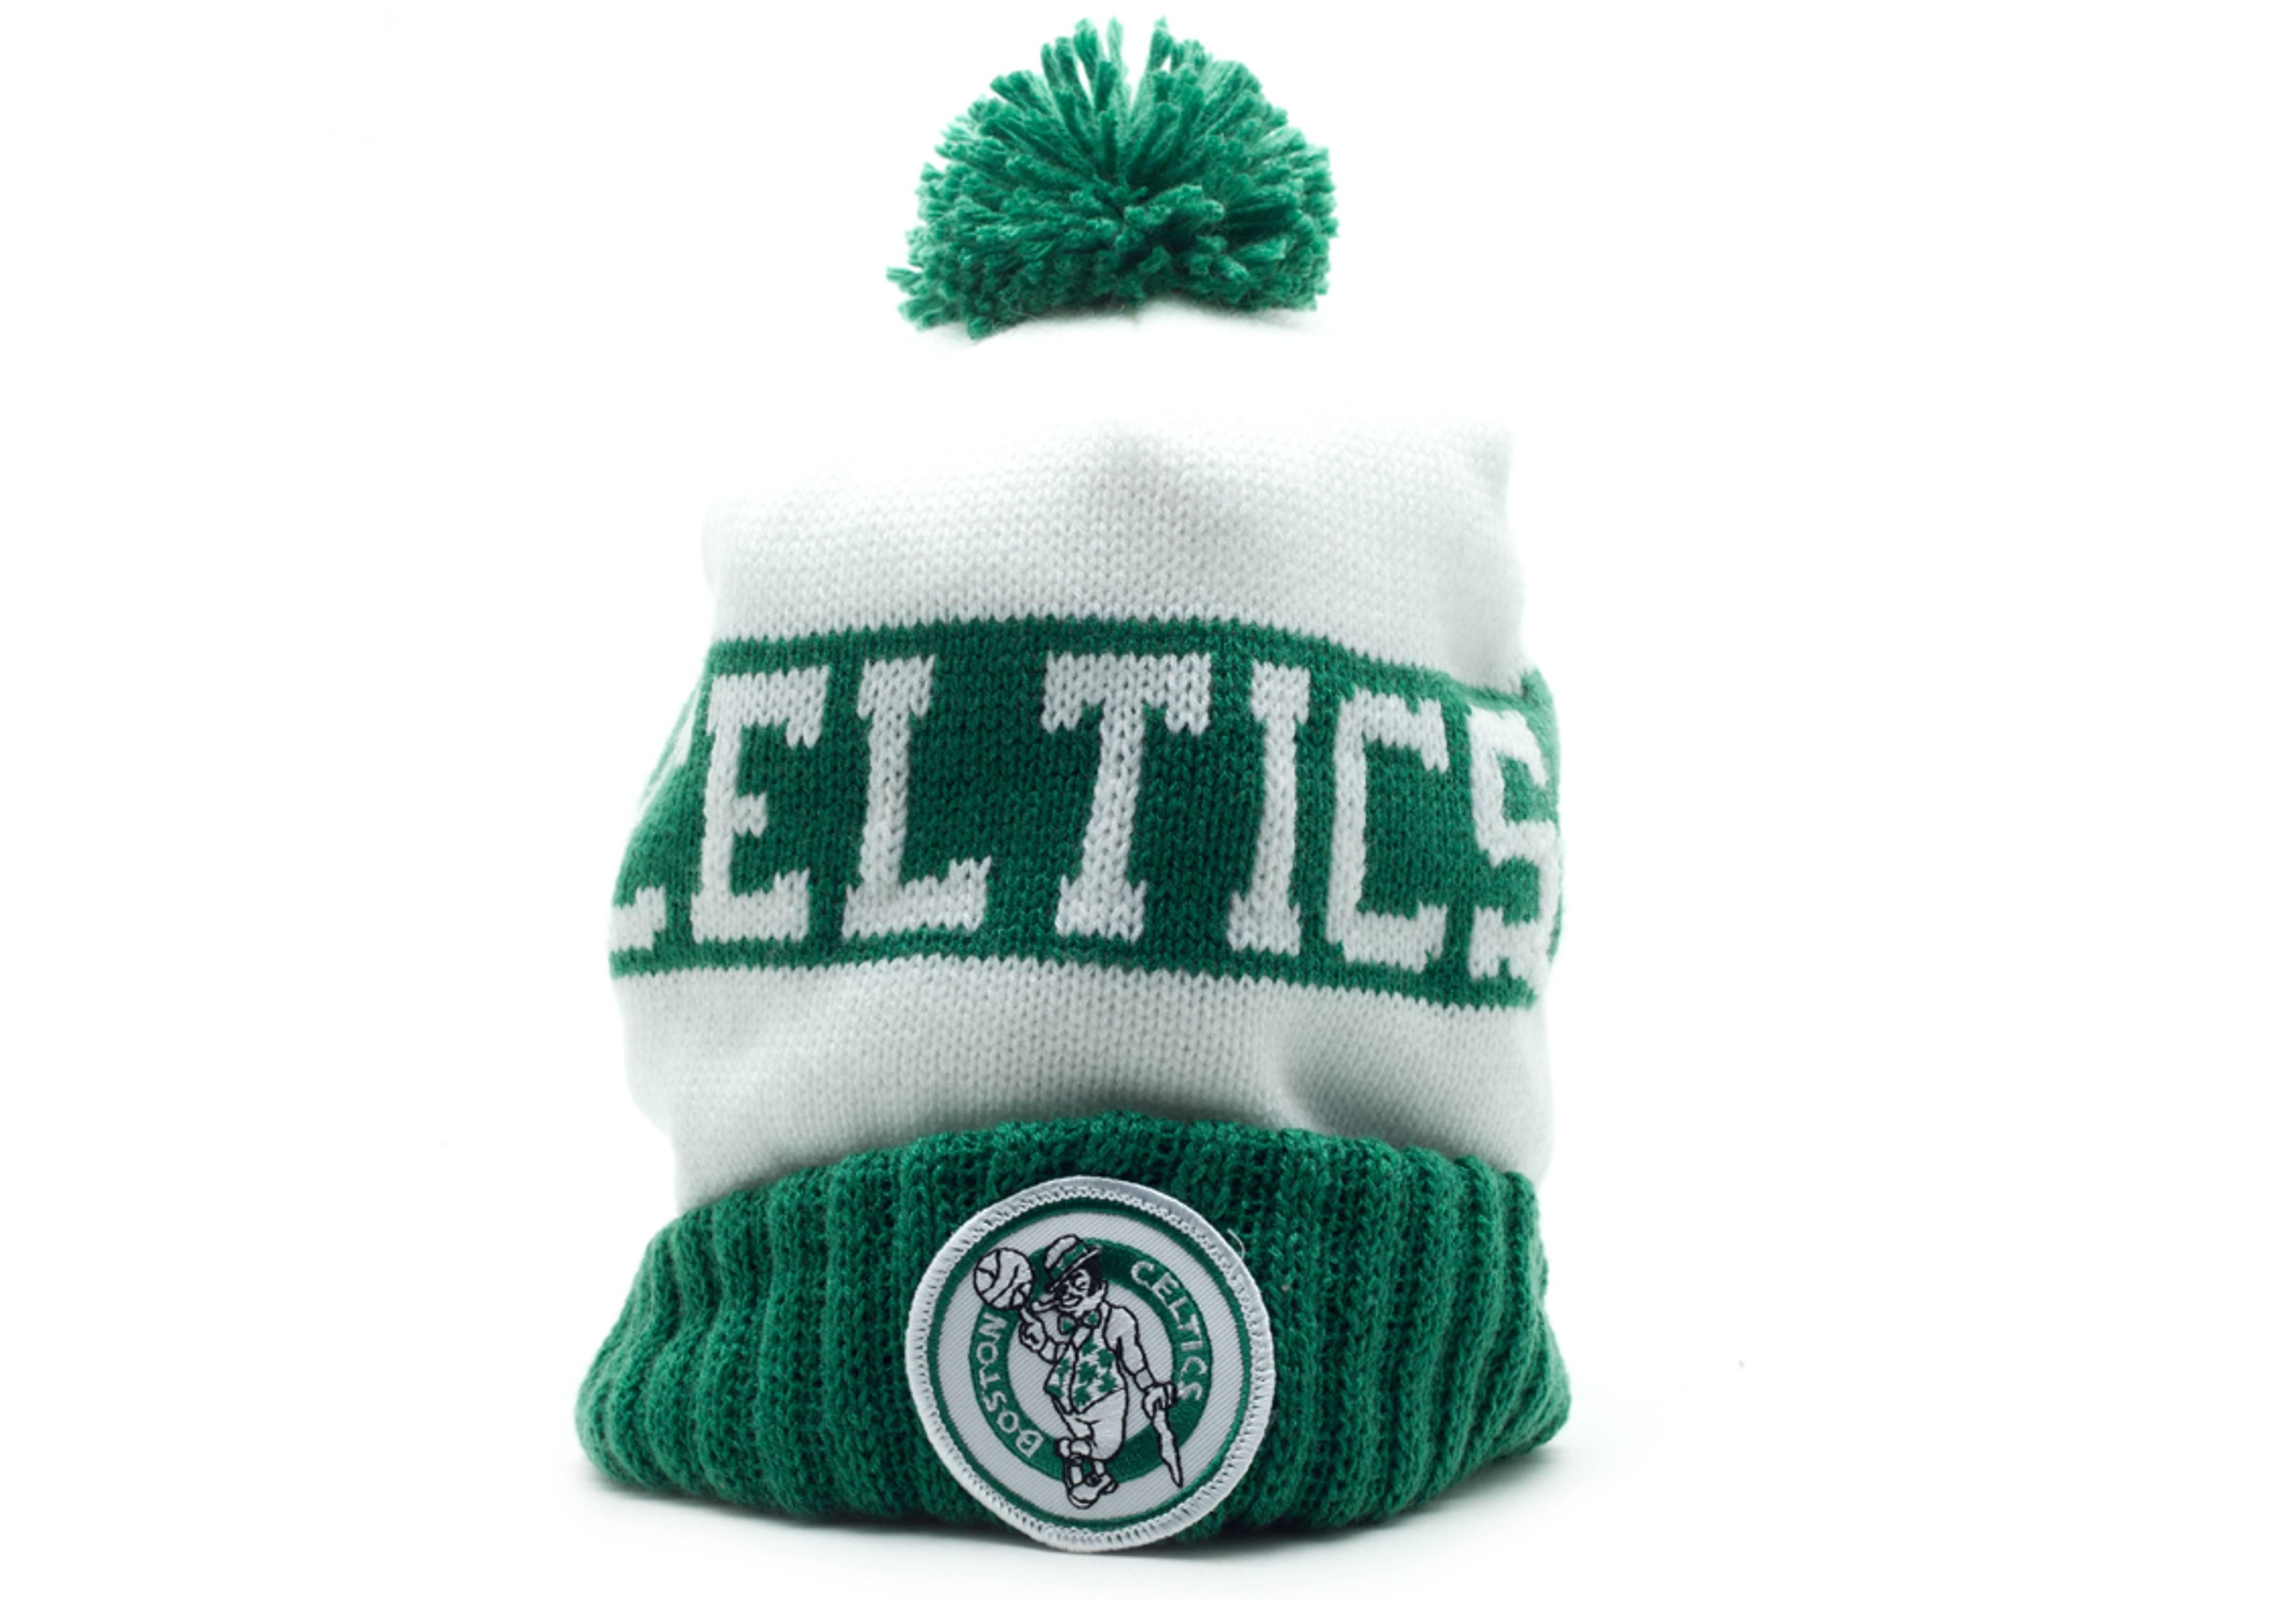 Boston Celtics Beanie - Mitchell   Ness - kd25mtc5celti - white green  e61a31ad9e72